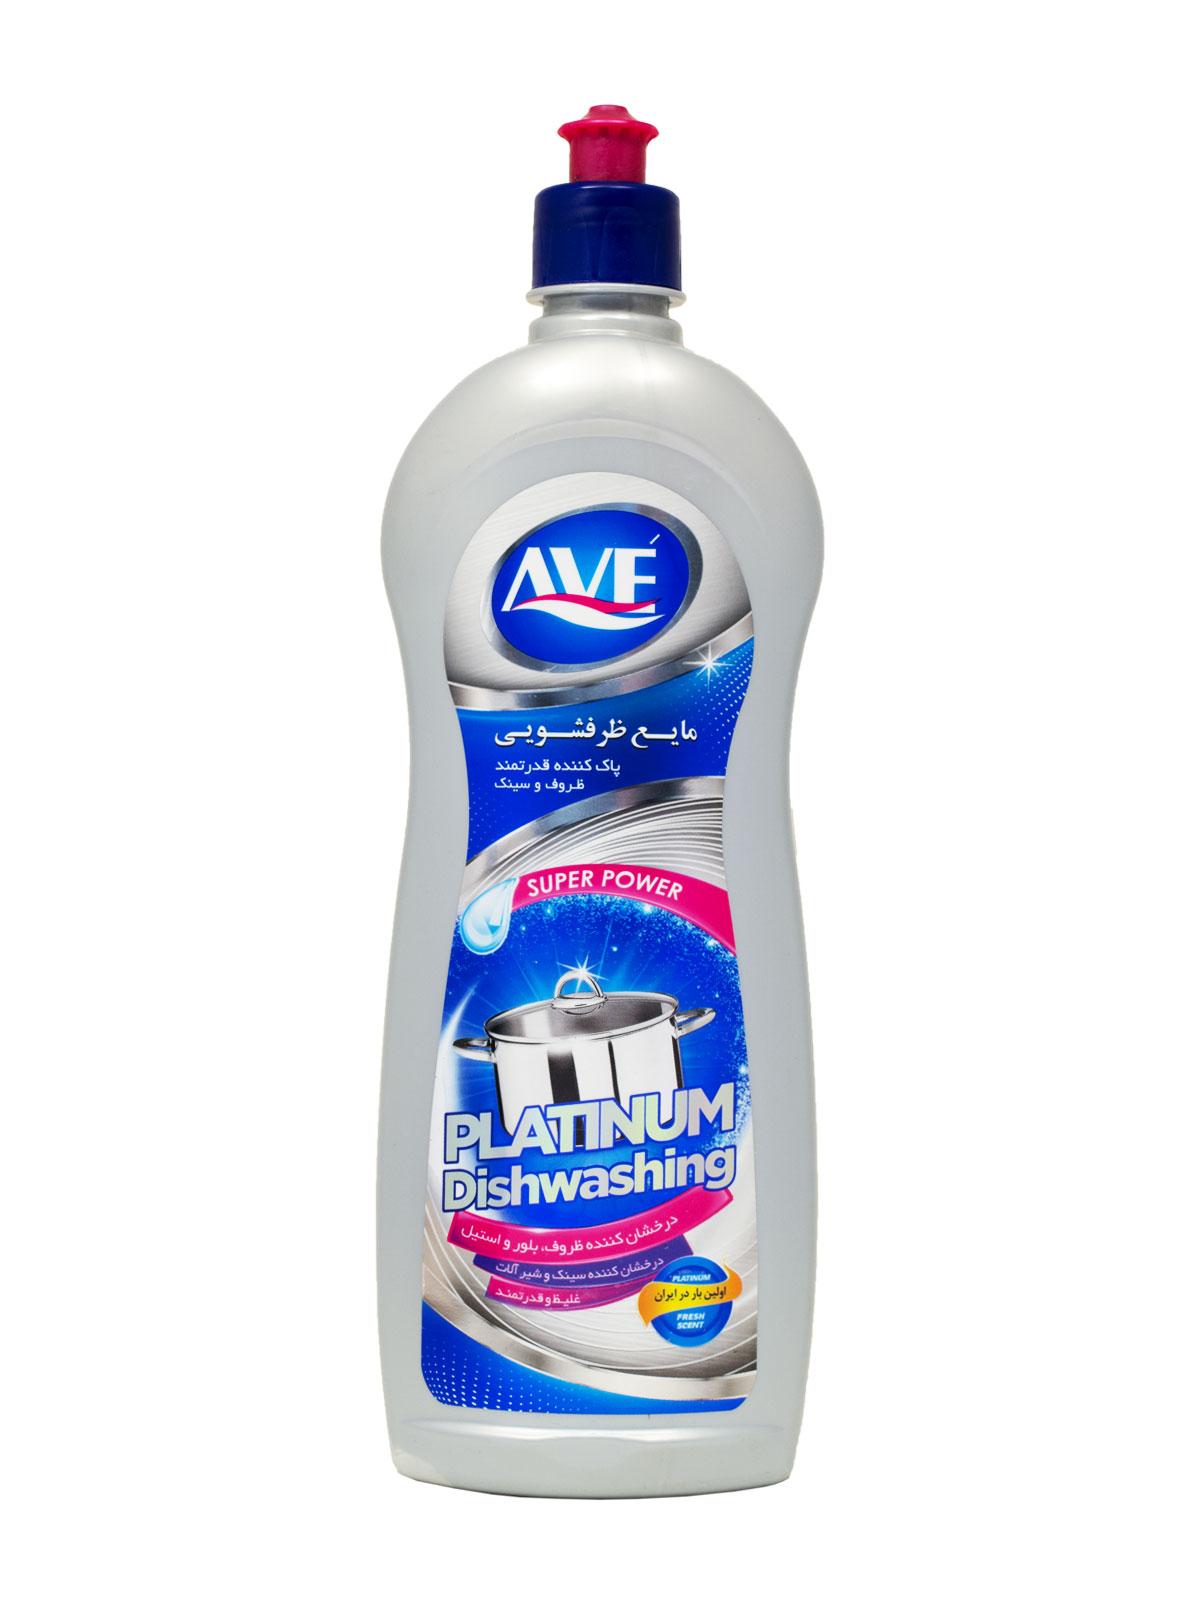 مایع ظرفشویی پلاتینیوم اوه پاک کننده ظروف سینک و شیرآلات 750 گرم